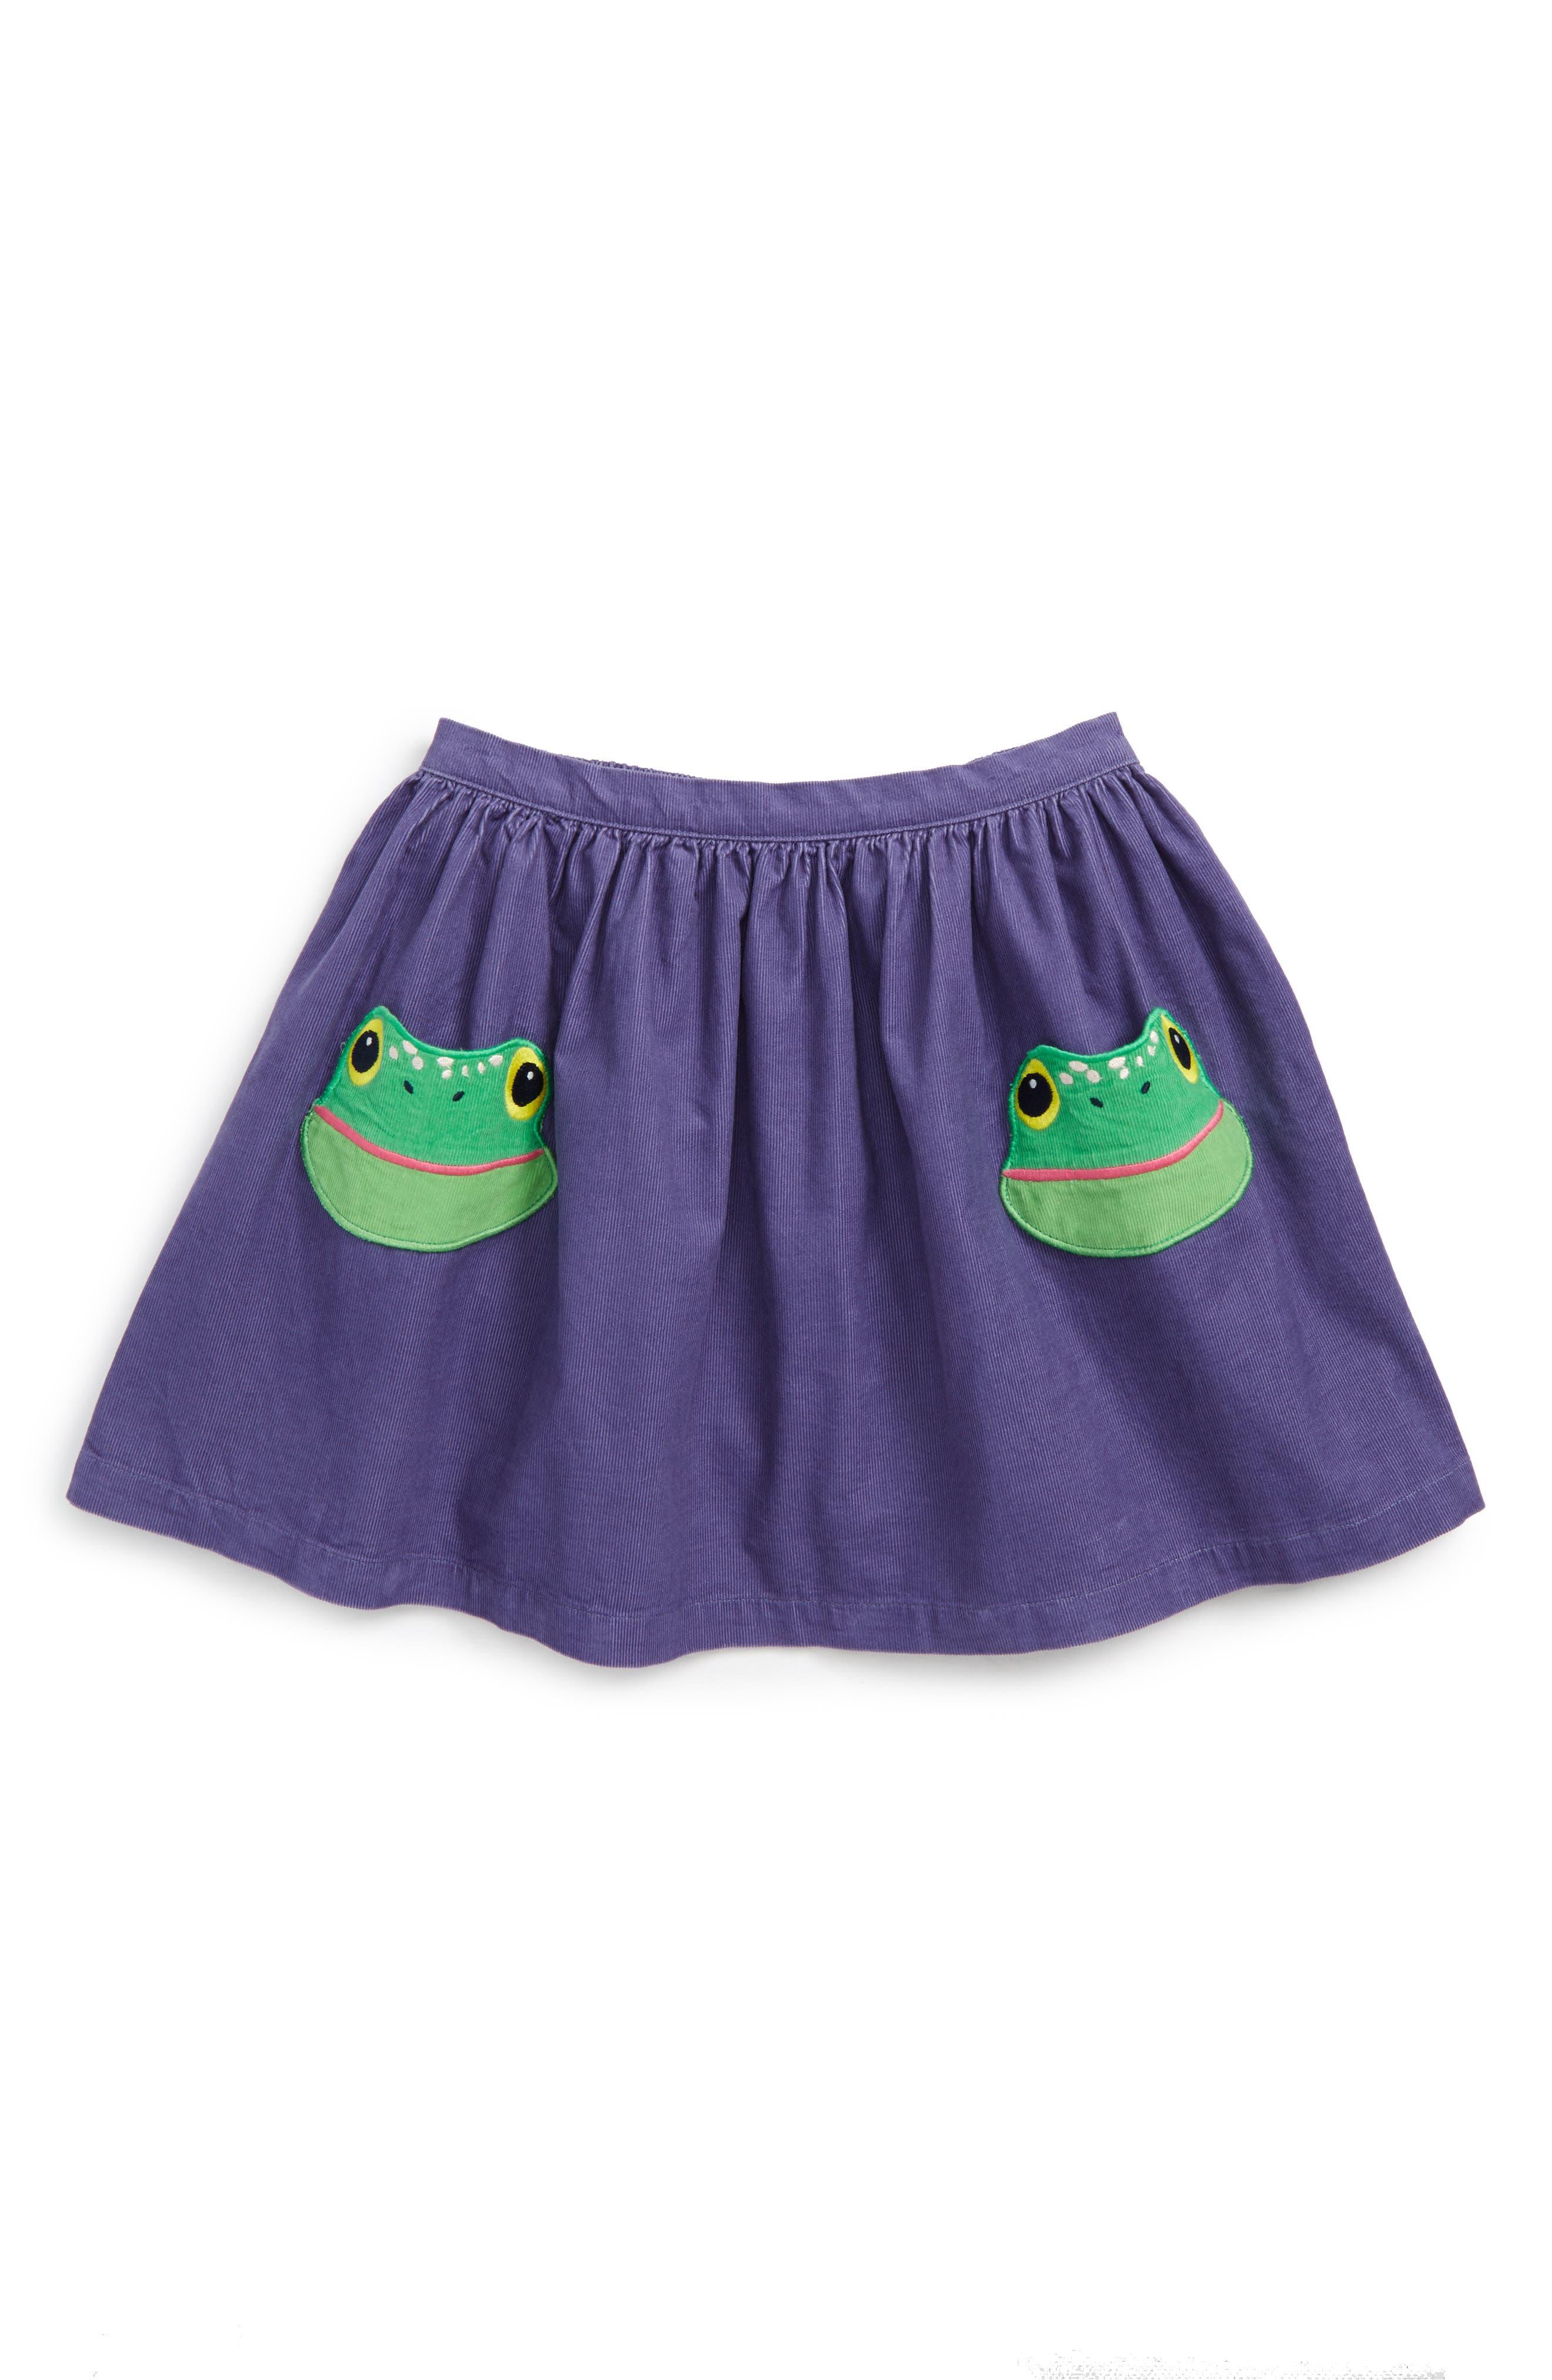 MINI BODEN Animal Pocket Corduroy Skirt